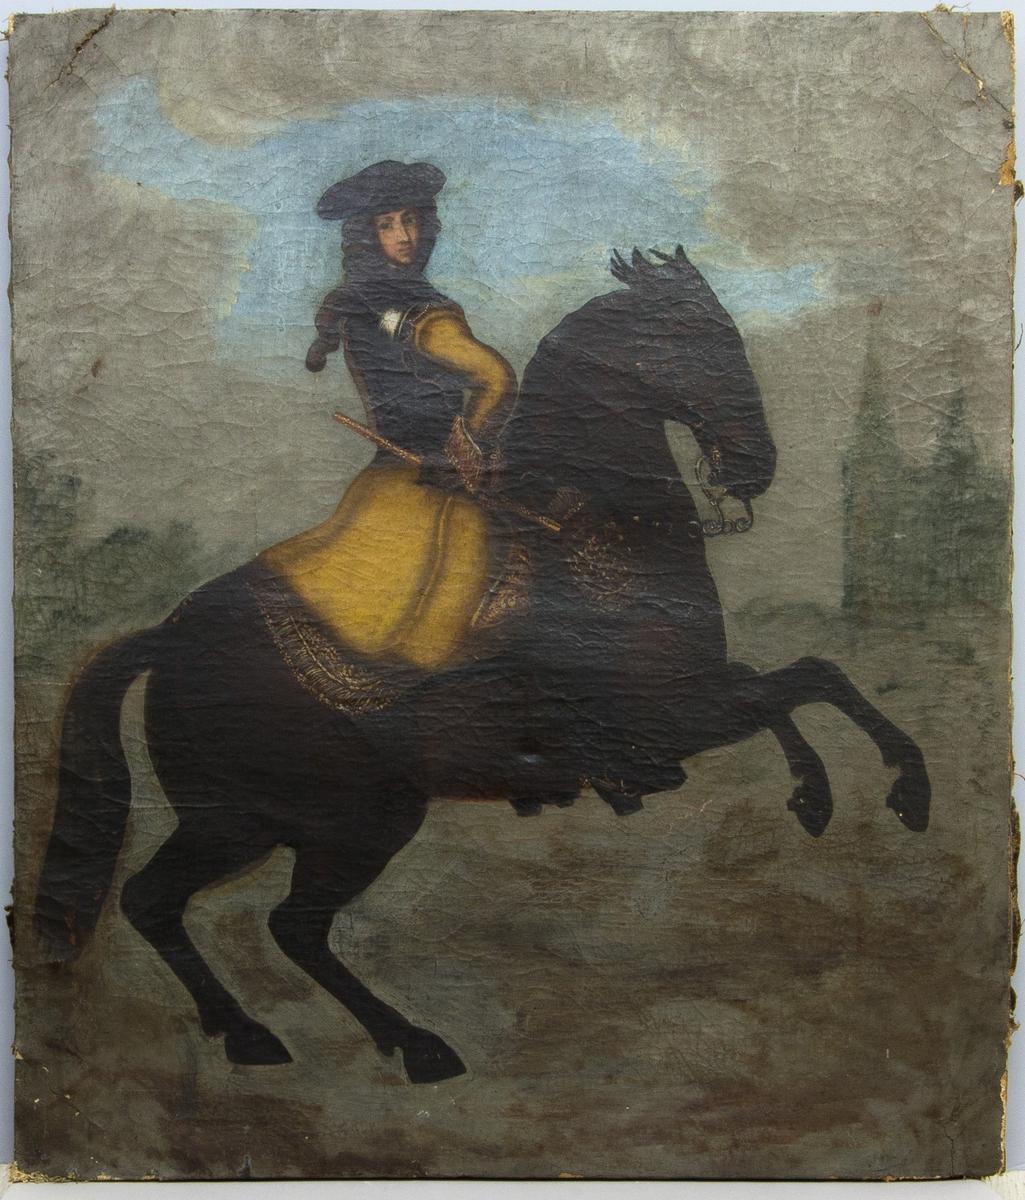 Porträtt av Karl XI till häst med armen i sidan, iklädd lång gul rock. Kyrka eller slottsbyggnad i bakgrunden.